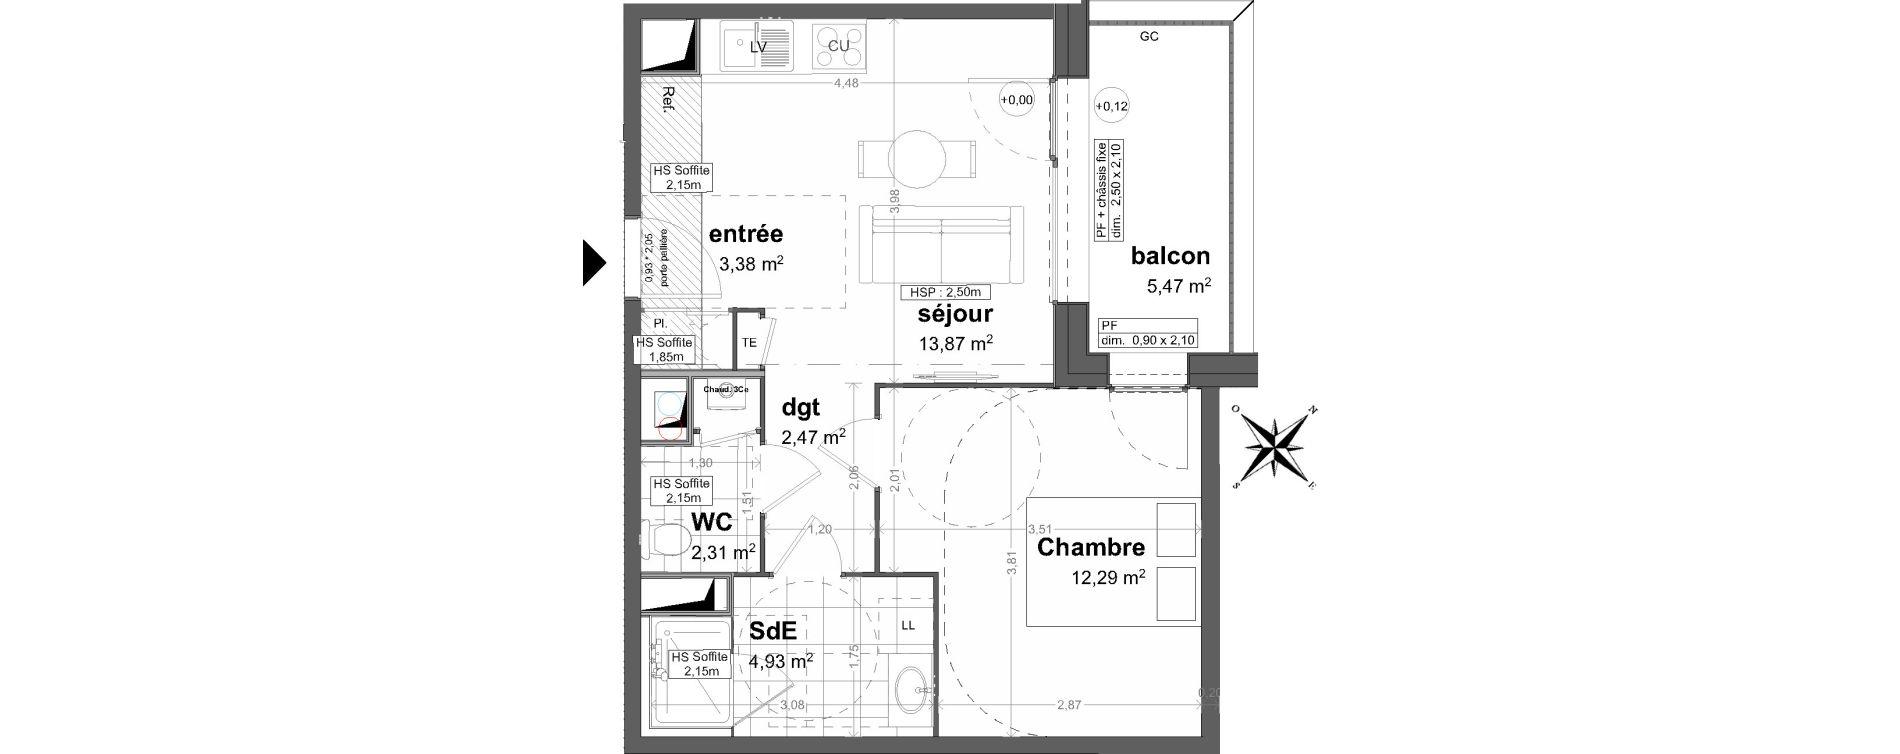 Appartement T2 de 39,25 m2 à Saint-Malo Saint-servan - solidor